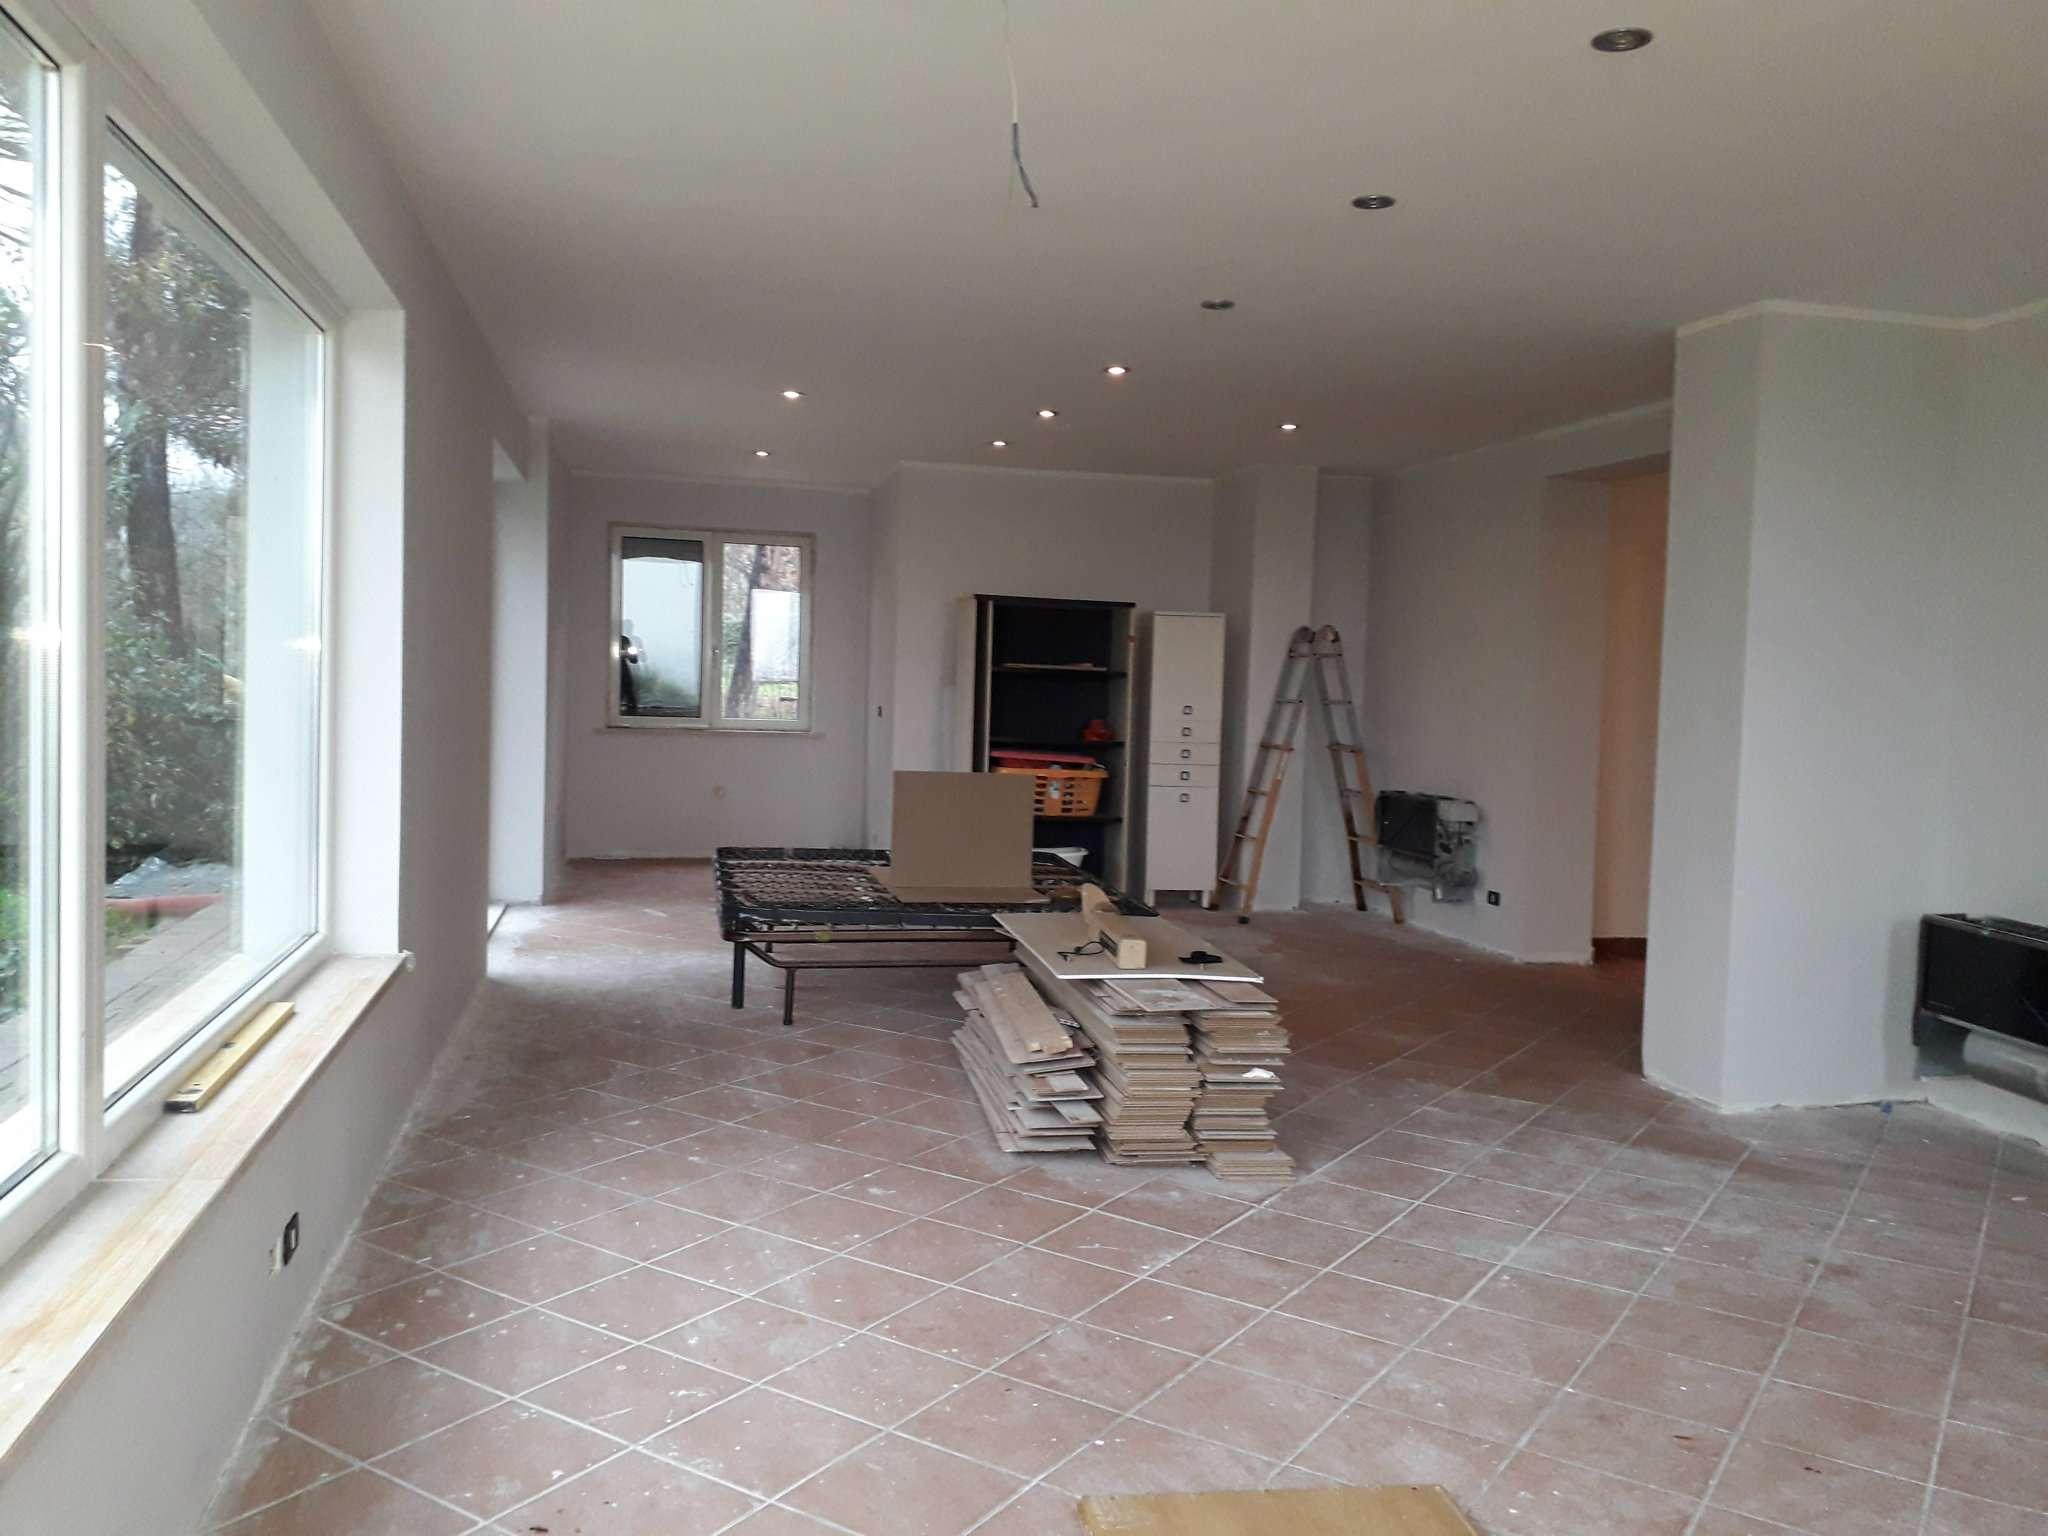 Appartamento ristrutturato in vendita Rif. 5035195